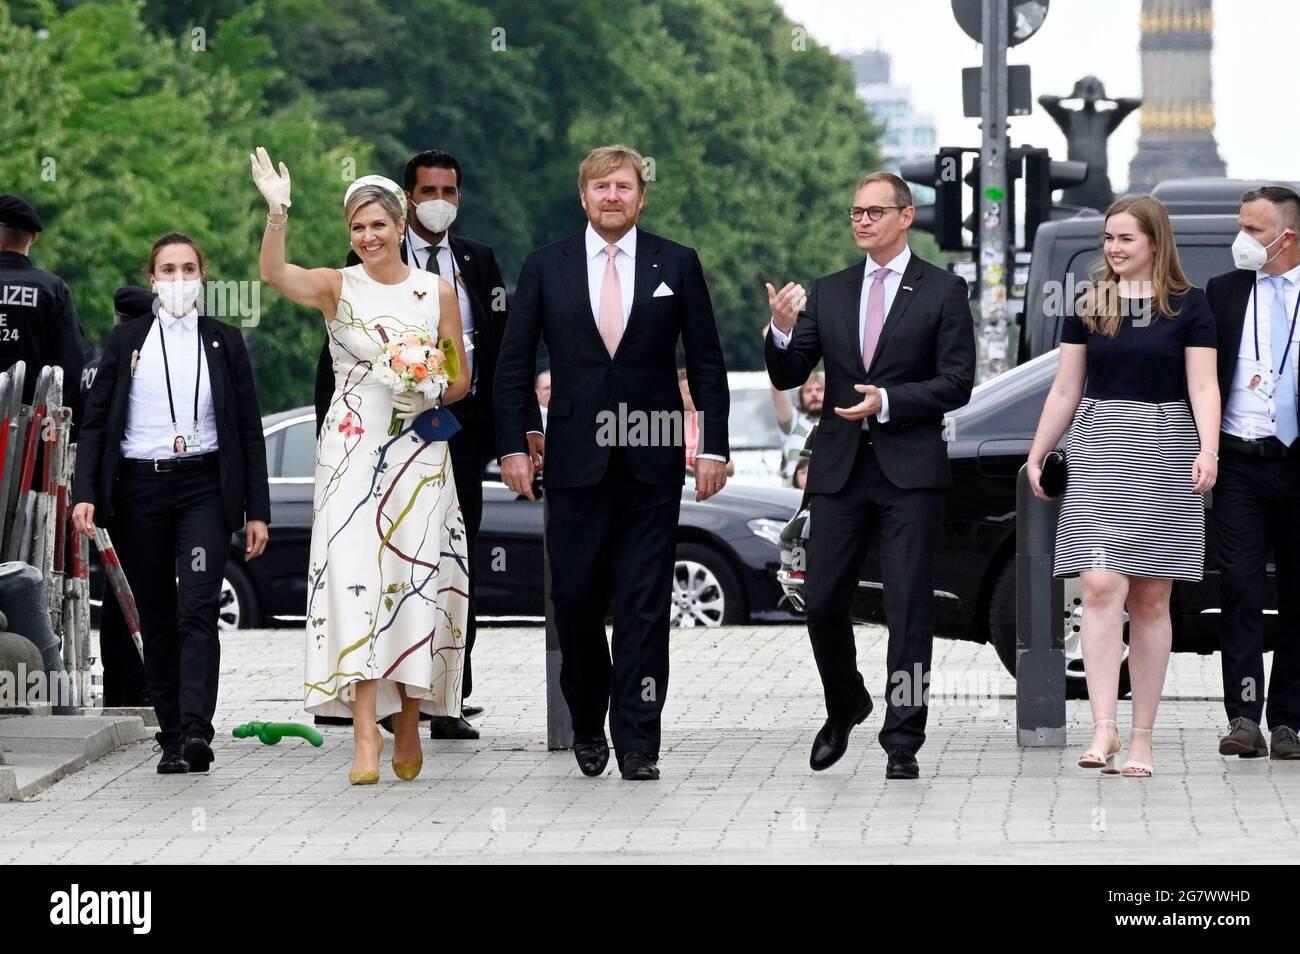 Königin Maxima, König Willem-Alexander von den Niederlanden und Michael Müller besuchen am 5. Juli 2021 das Brandenburger Tor in Berlin. Stockfoto